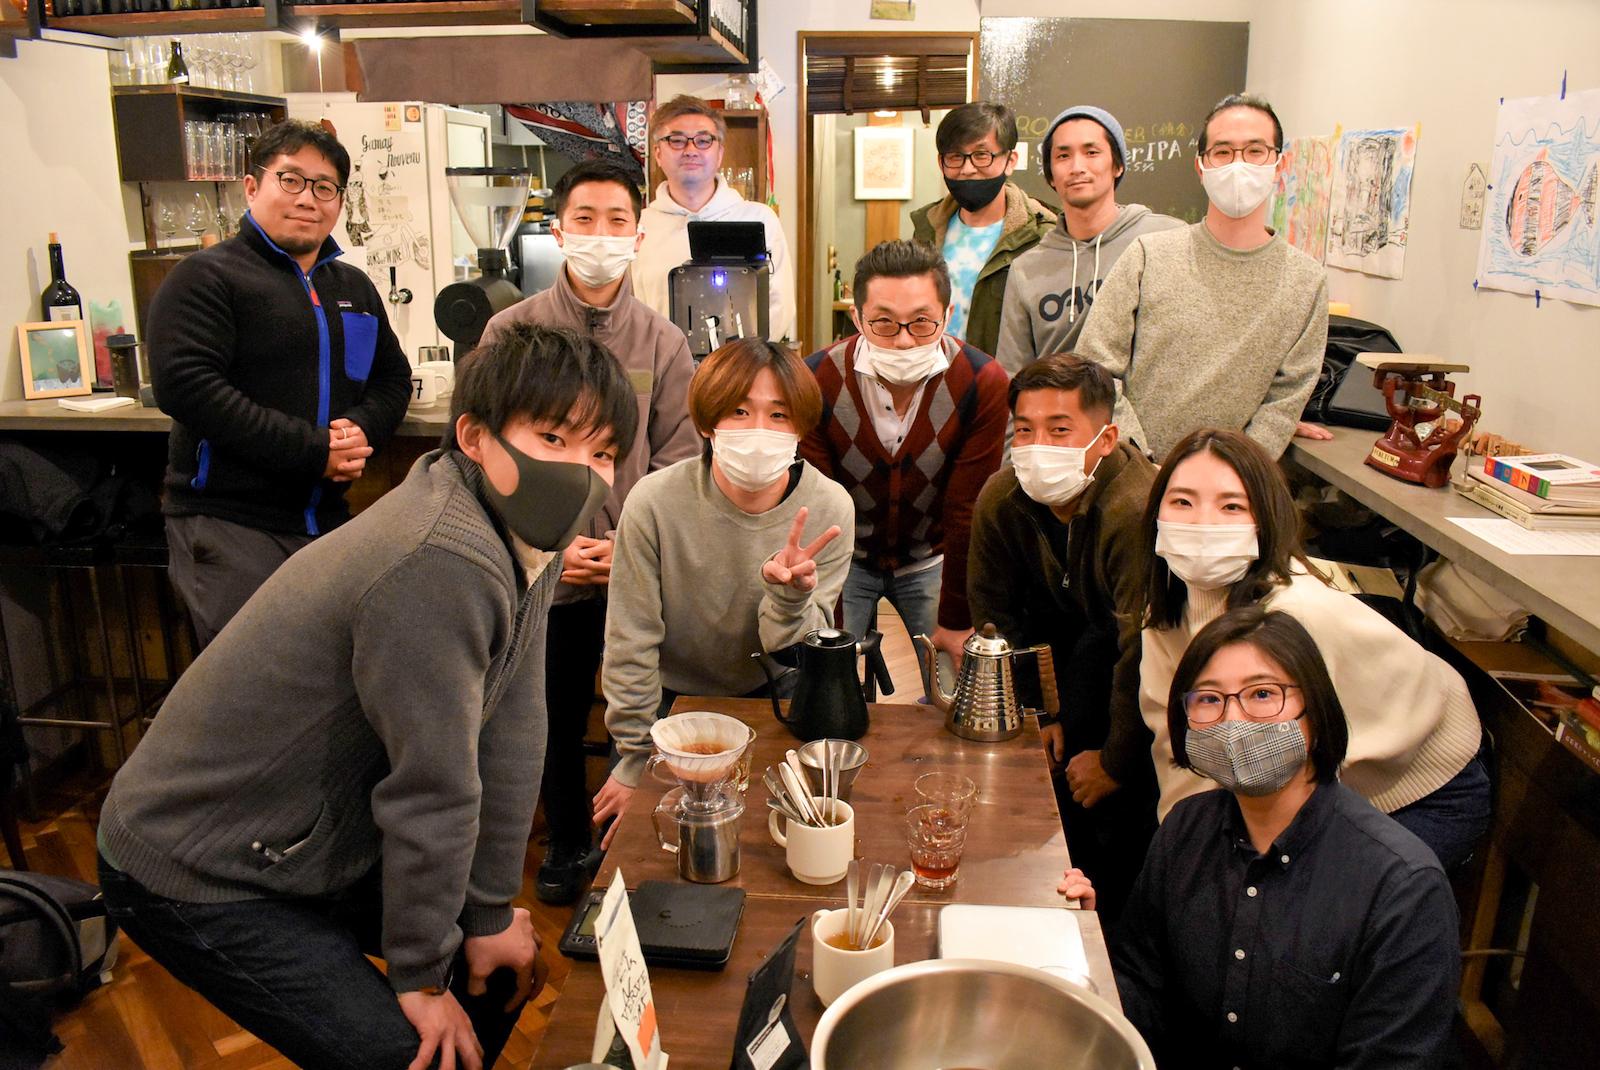 一杯のコーヒーをきっかけに繋がっていくコーヒーサロン参加者達の様子